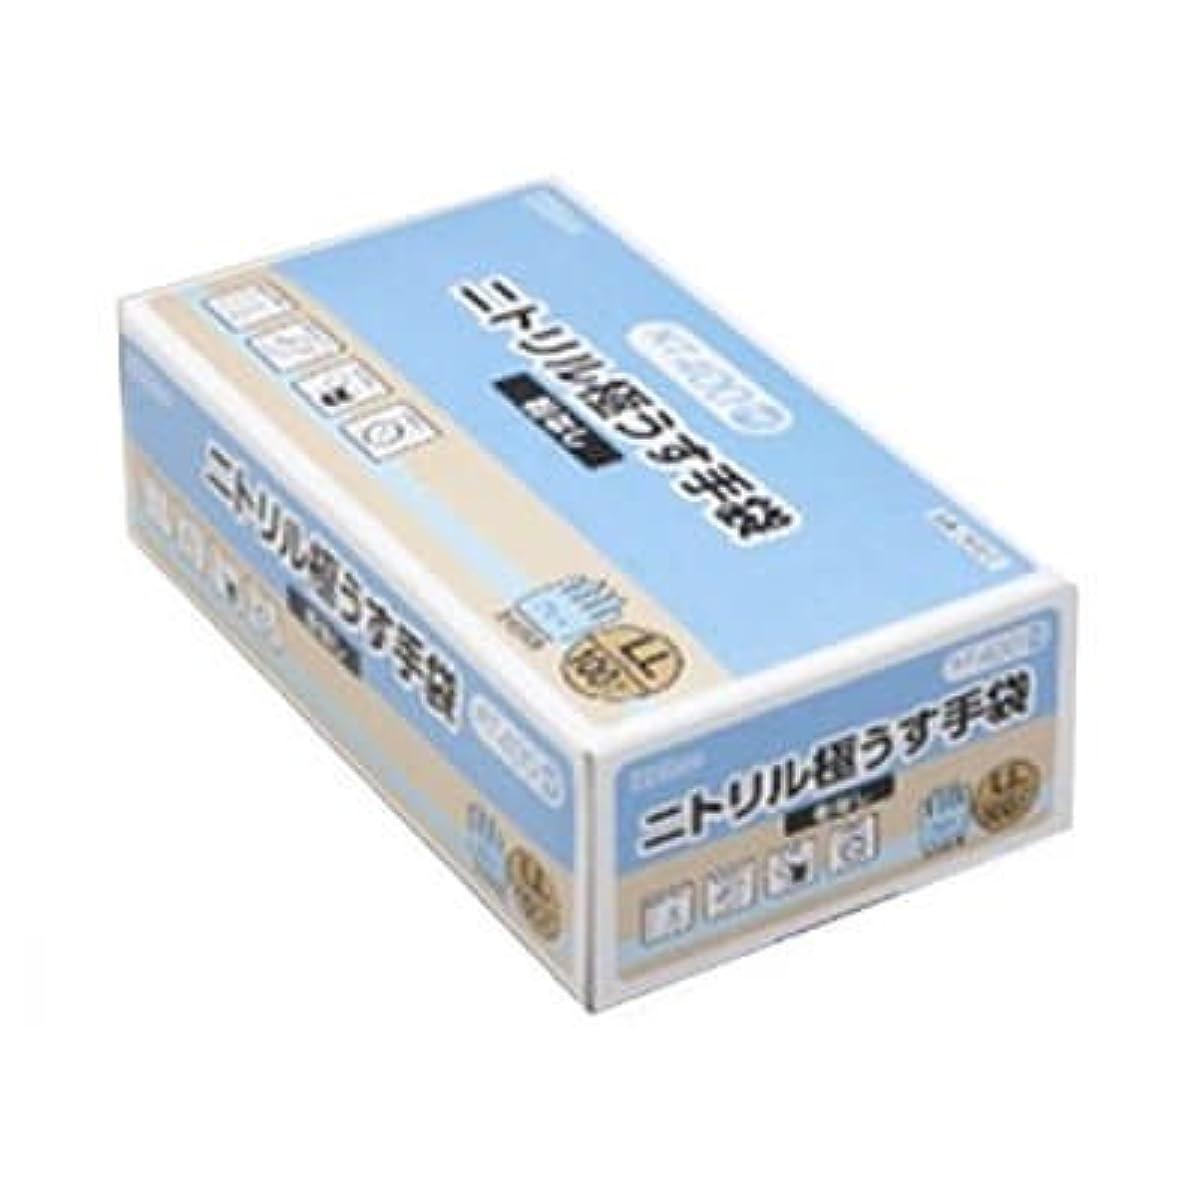 宴会キャリアダイエット【ケース販売】 ダンロップ ニトリル極うす手袋 粉無 LL ブルー NT-400 (100枚入×20箱)